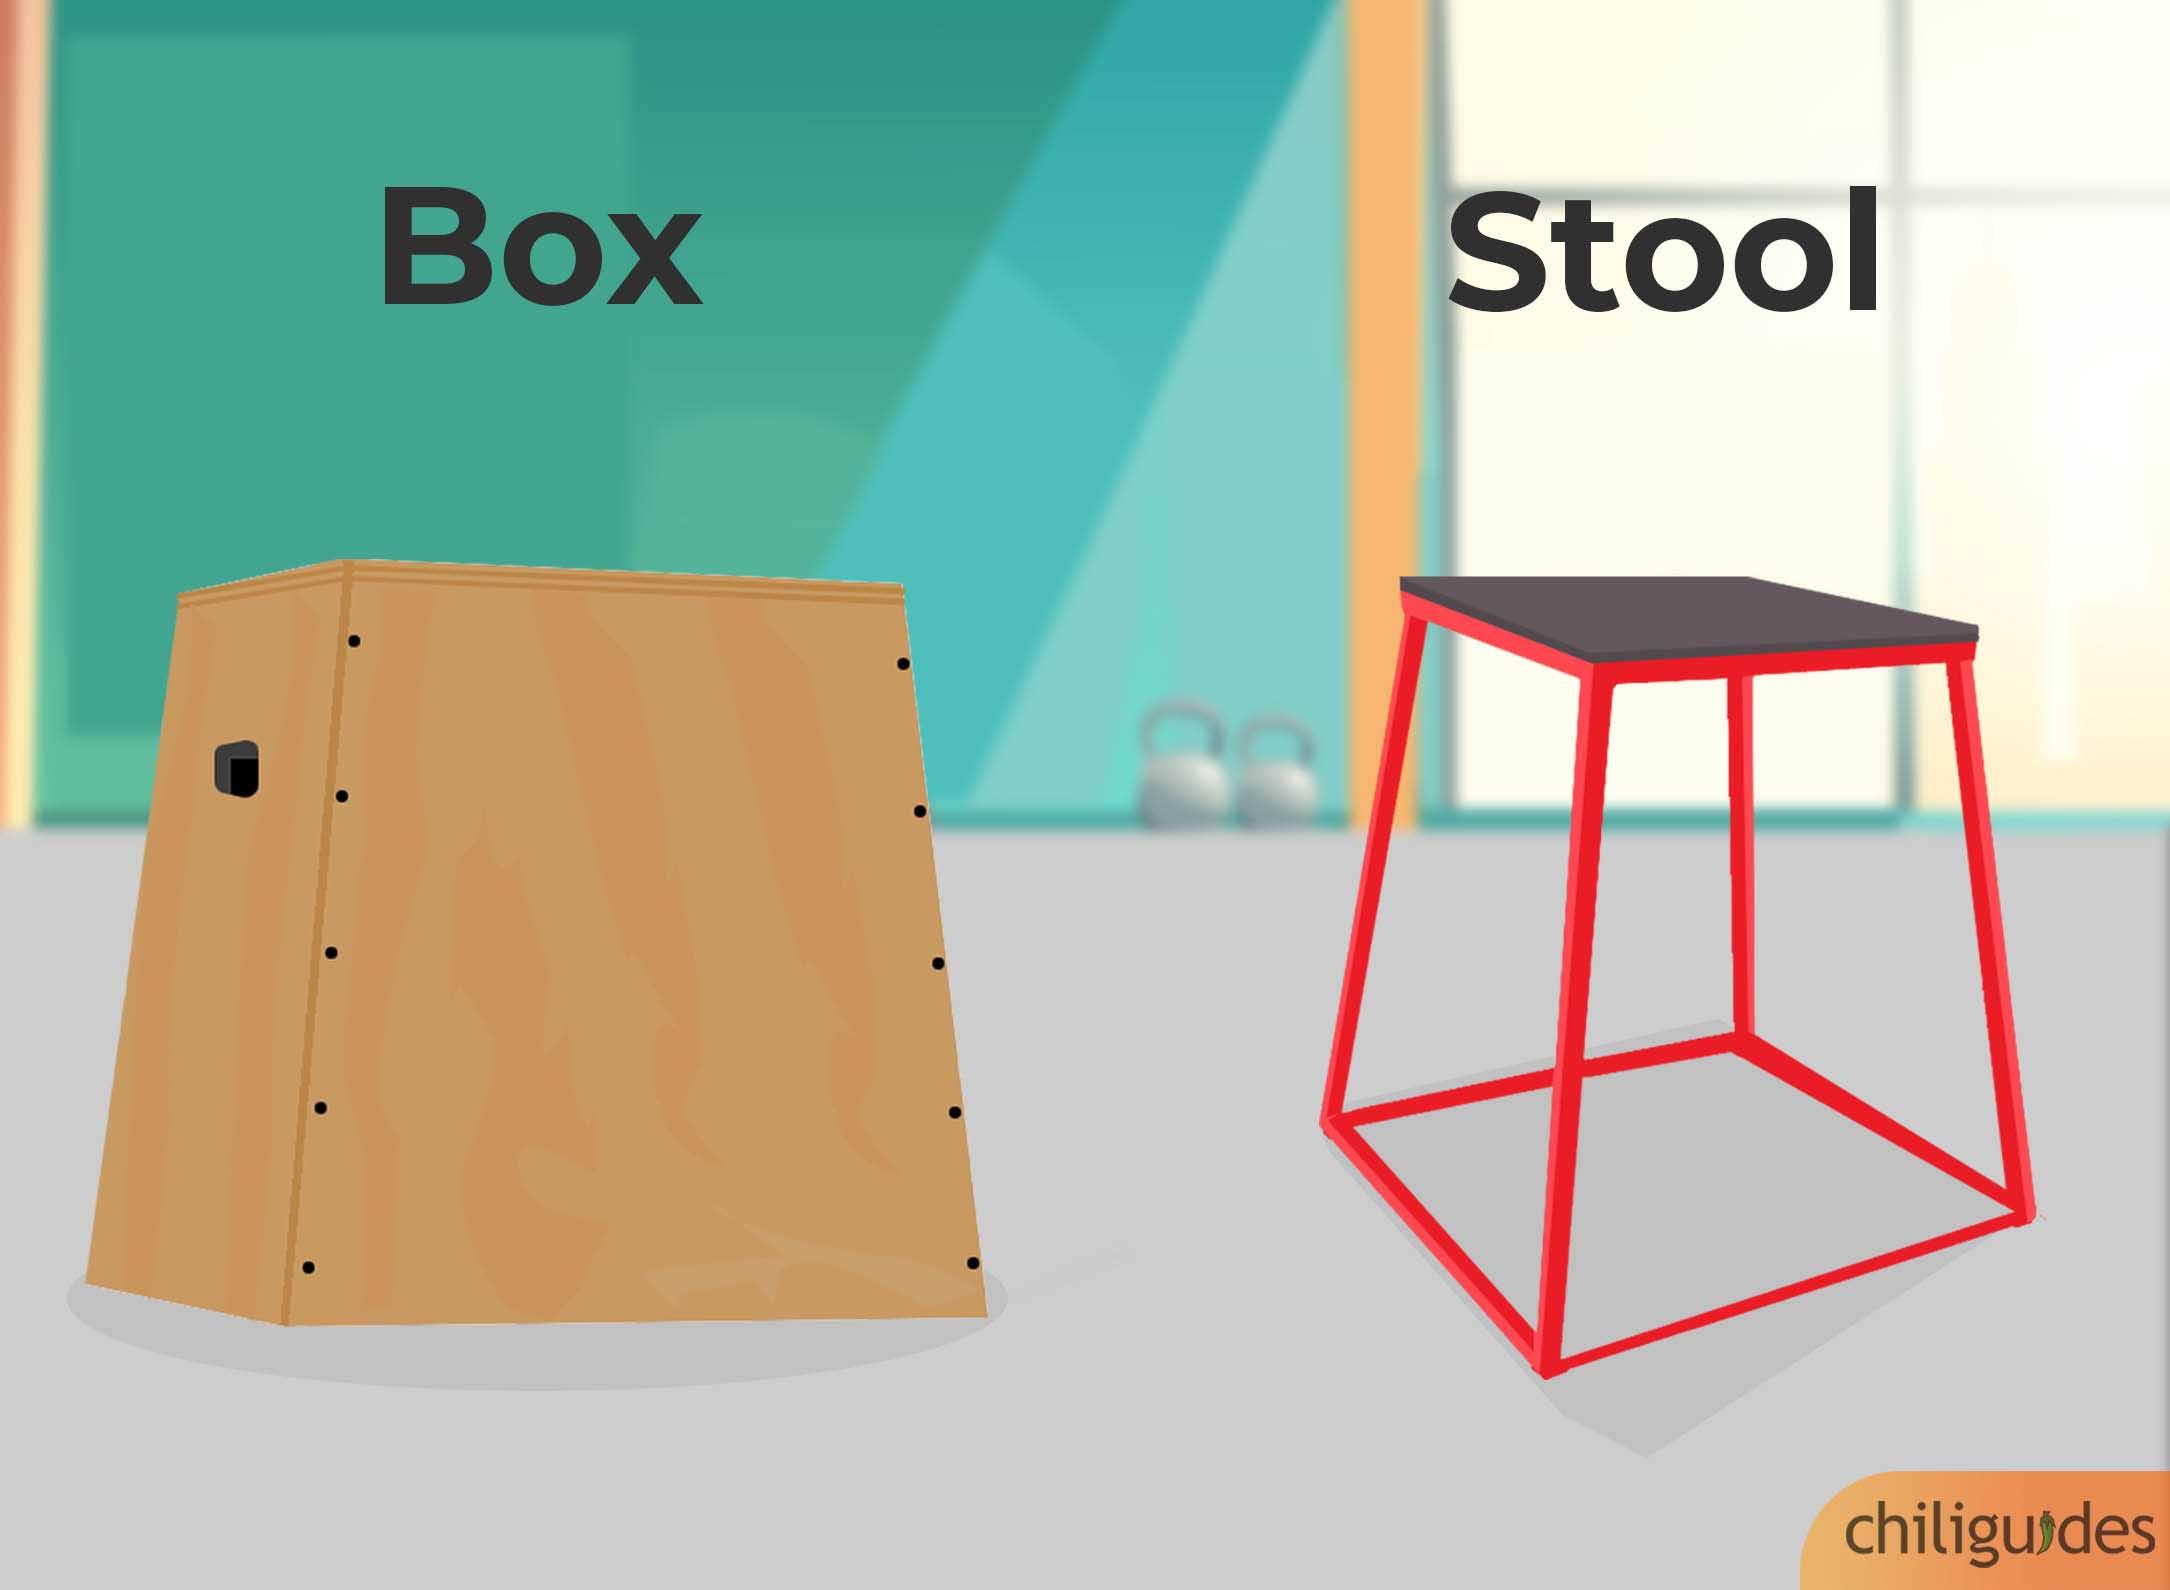 Buy a box, not a stool.